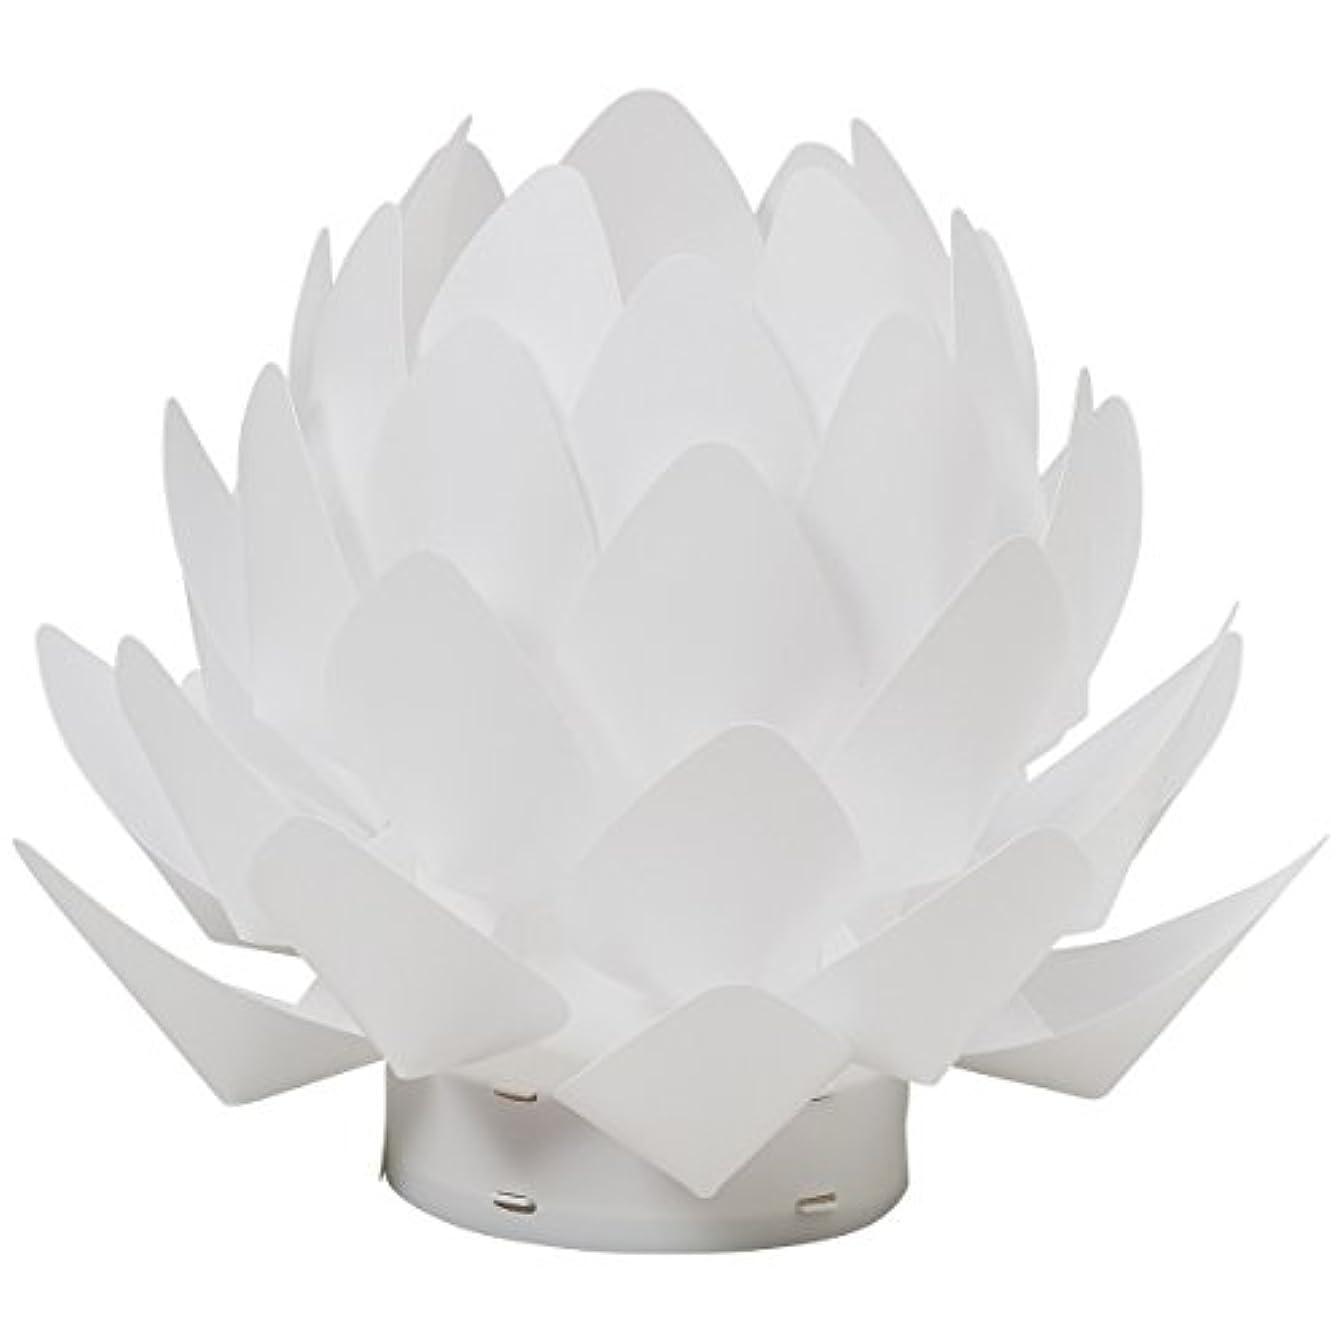 パケット階段取り組むカメヤマ 盆提灯 Origami-lite 蓮花 XS (間接照明)